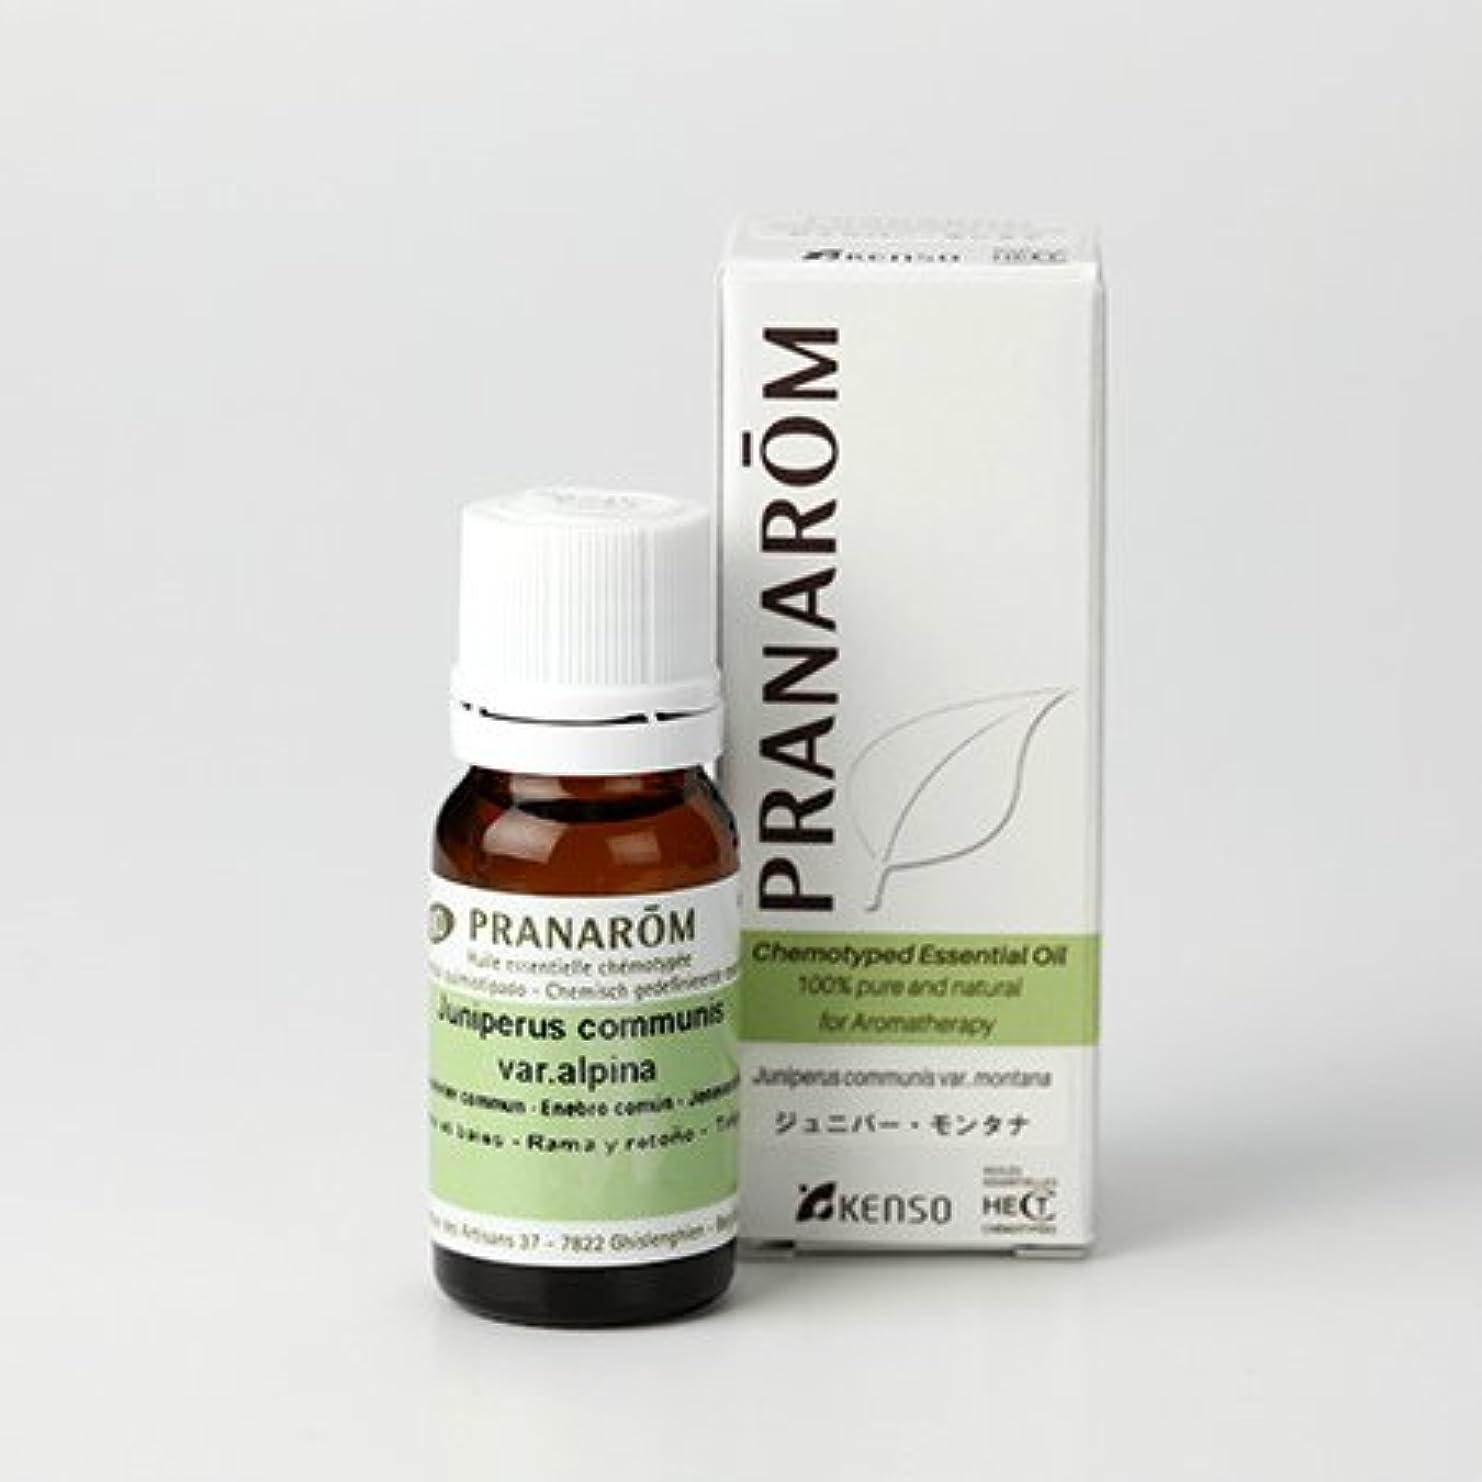 かかわらずオートマトン高めるプラナロム ジュニパーモンタナ 10ml (PRANAROM ケモタイプ精油)